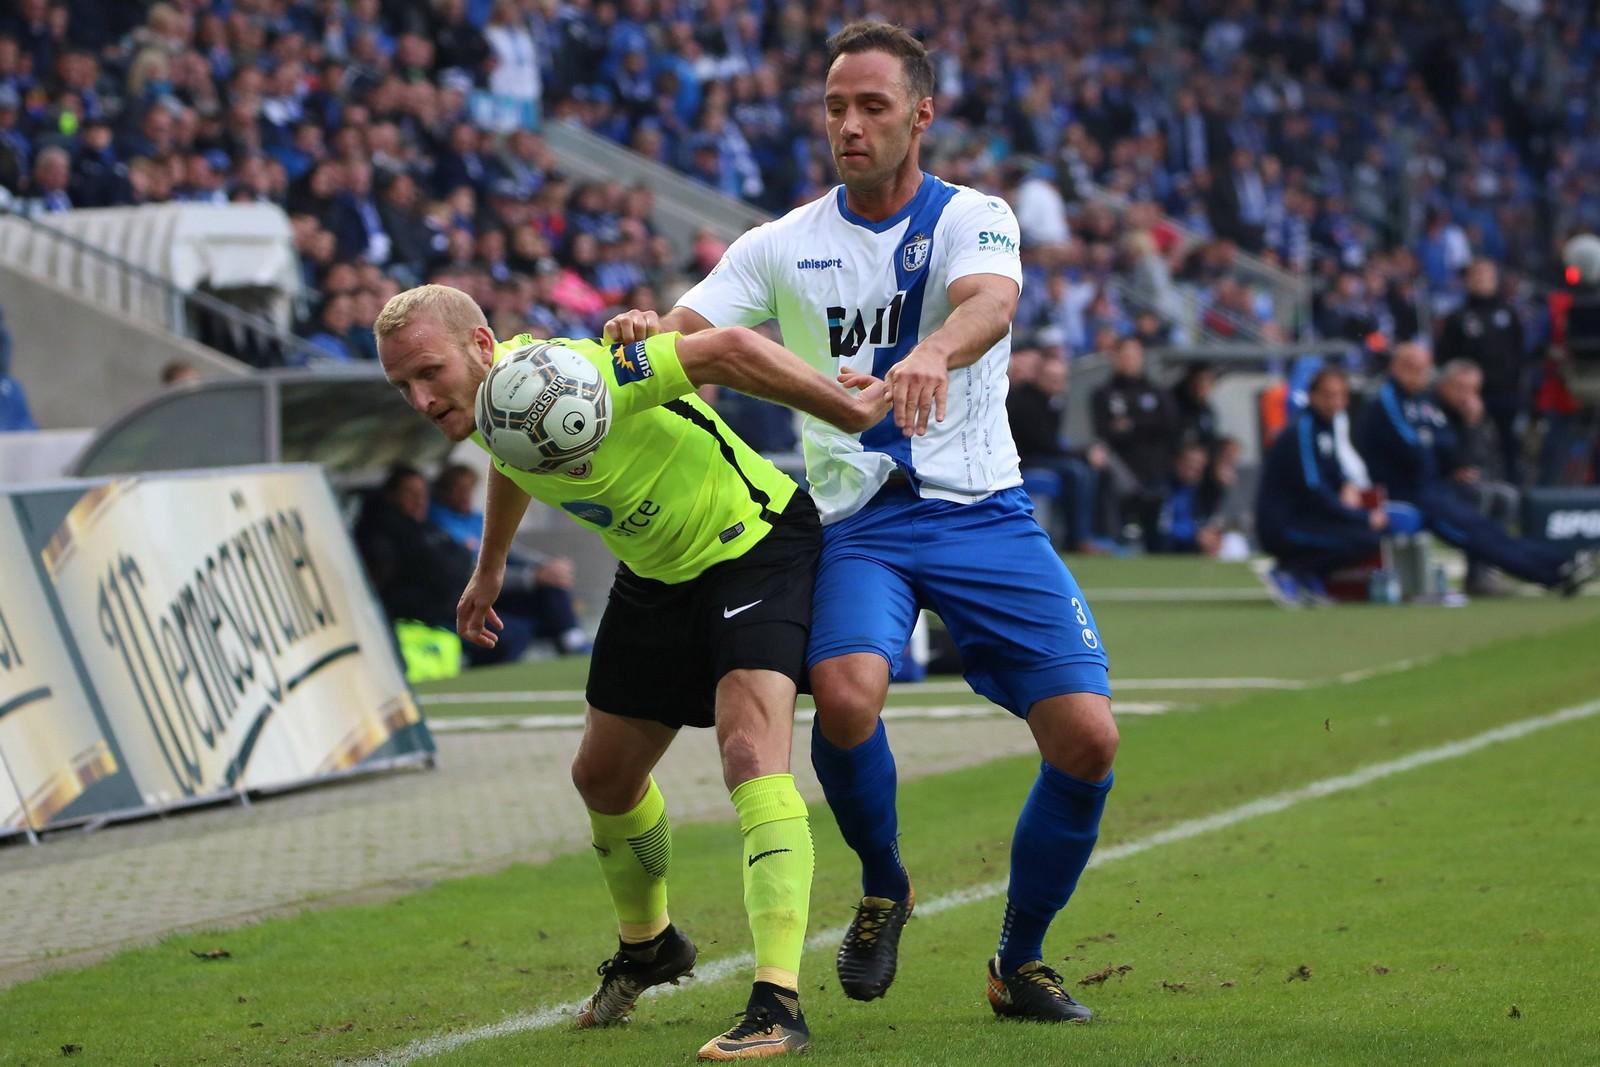 Alf Mintzel vom SV Wehen Wiesbaden gegen Christopher Handke vom 1. FC Magdeburg